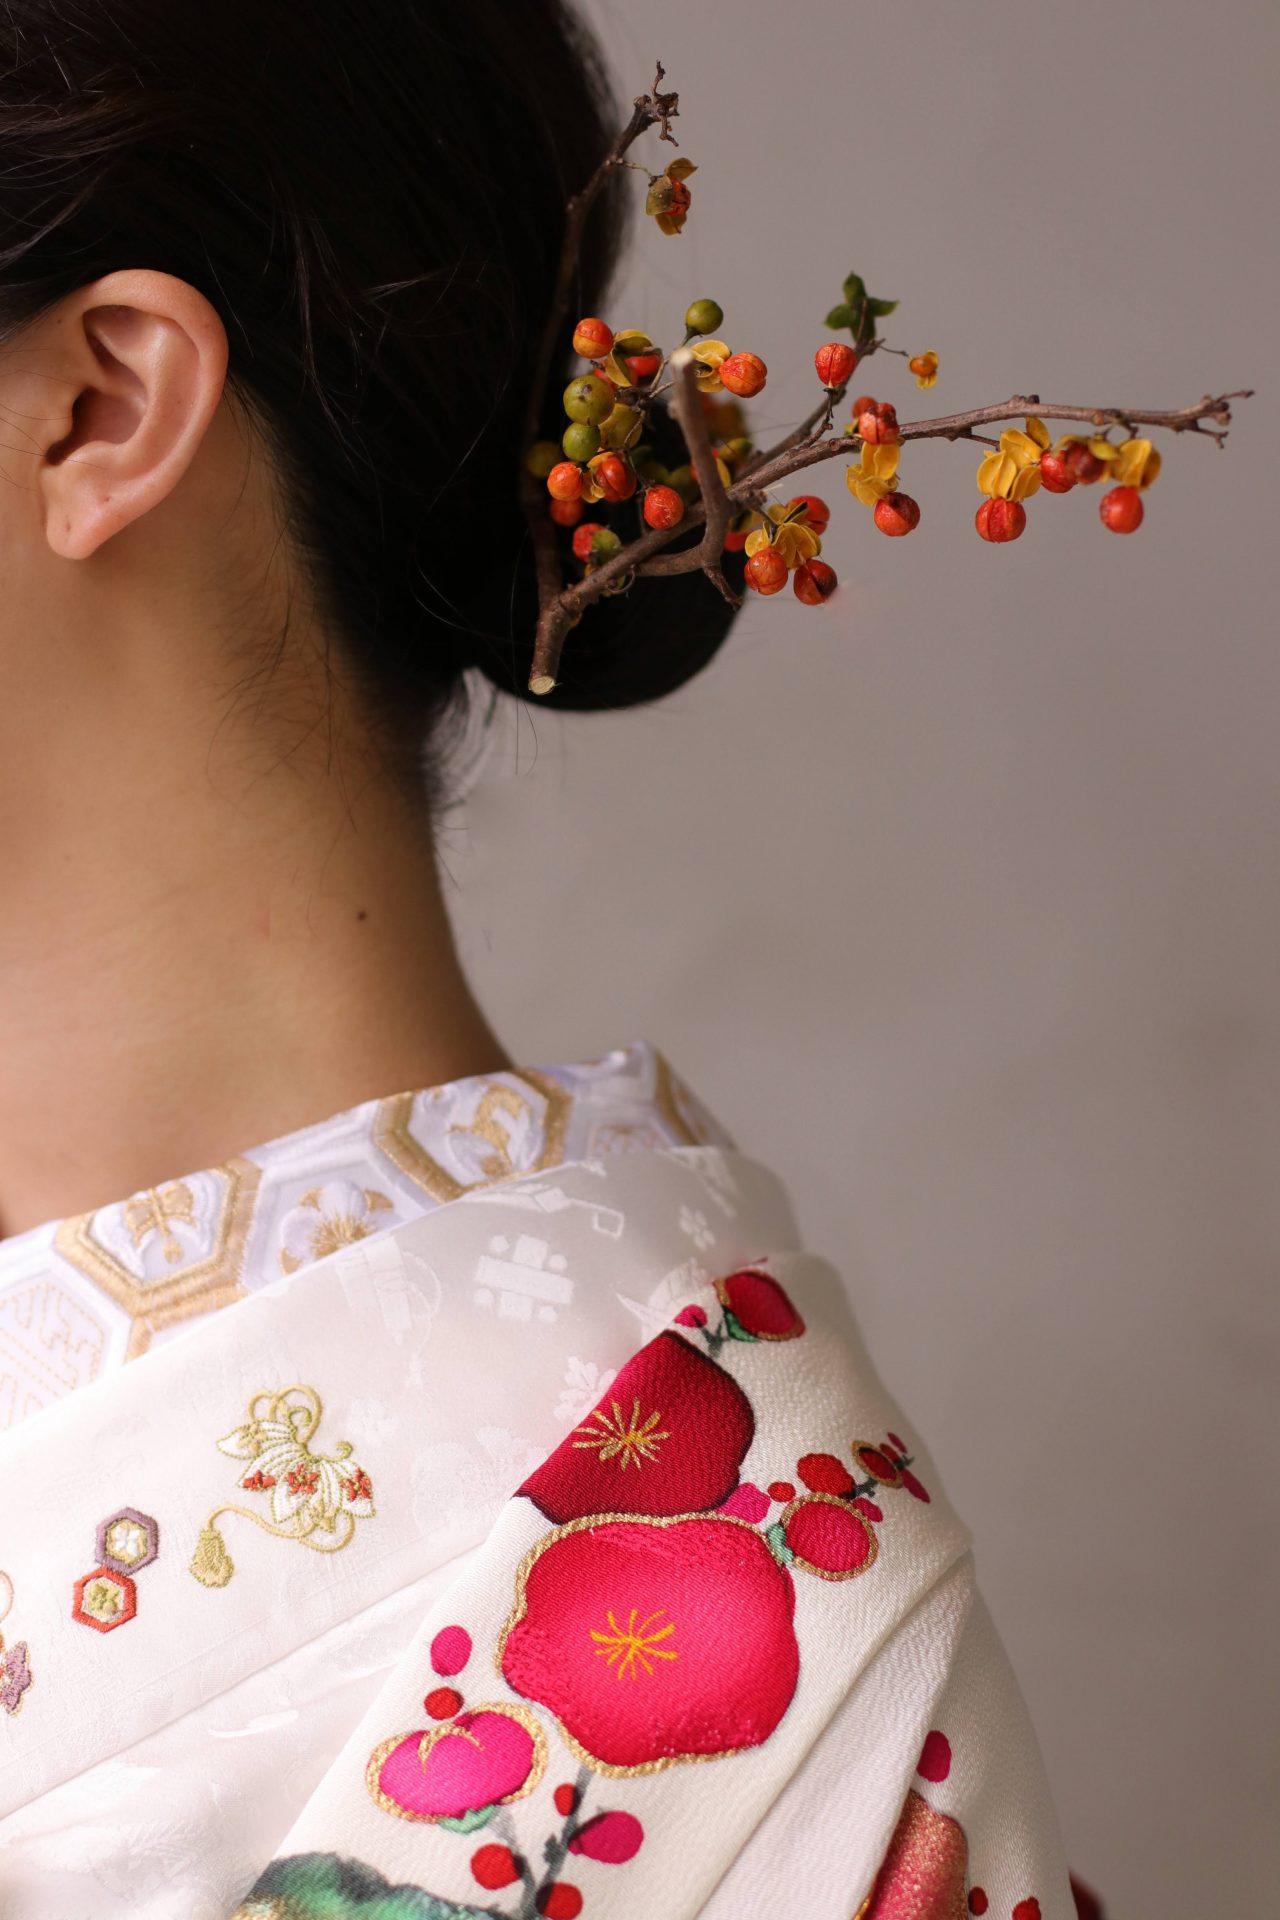 東京の人気ドレスショップ ザ・トリート・ドレッシングがお洒落なご新婦様に提案する和装の髪型は、小粒の木の実が実った枝をかんざしに見立てた和モダンな髪飾りです